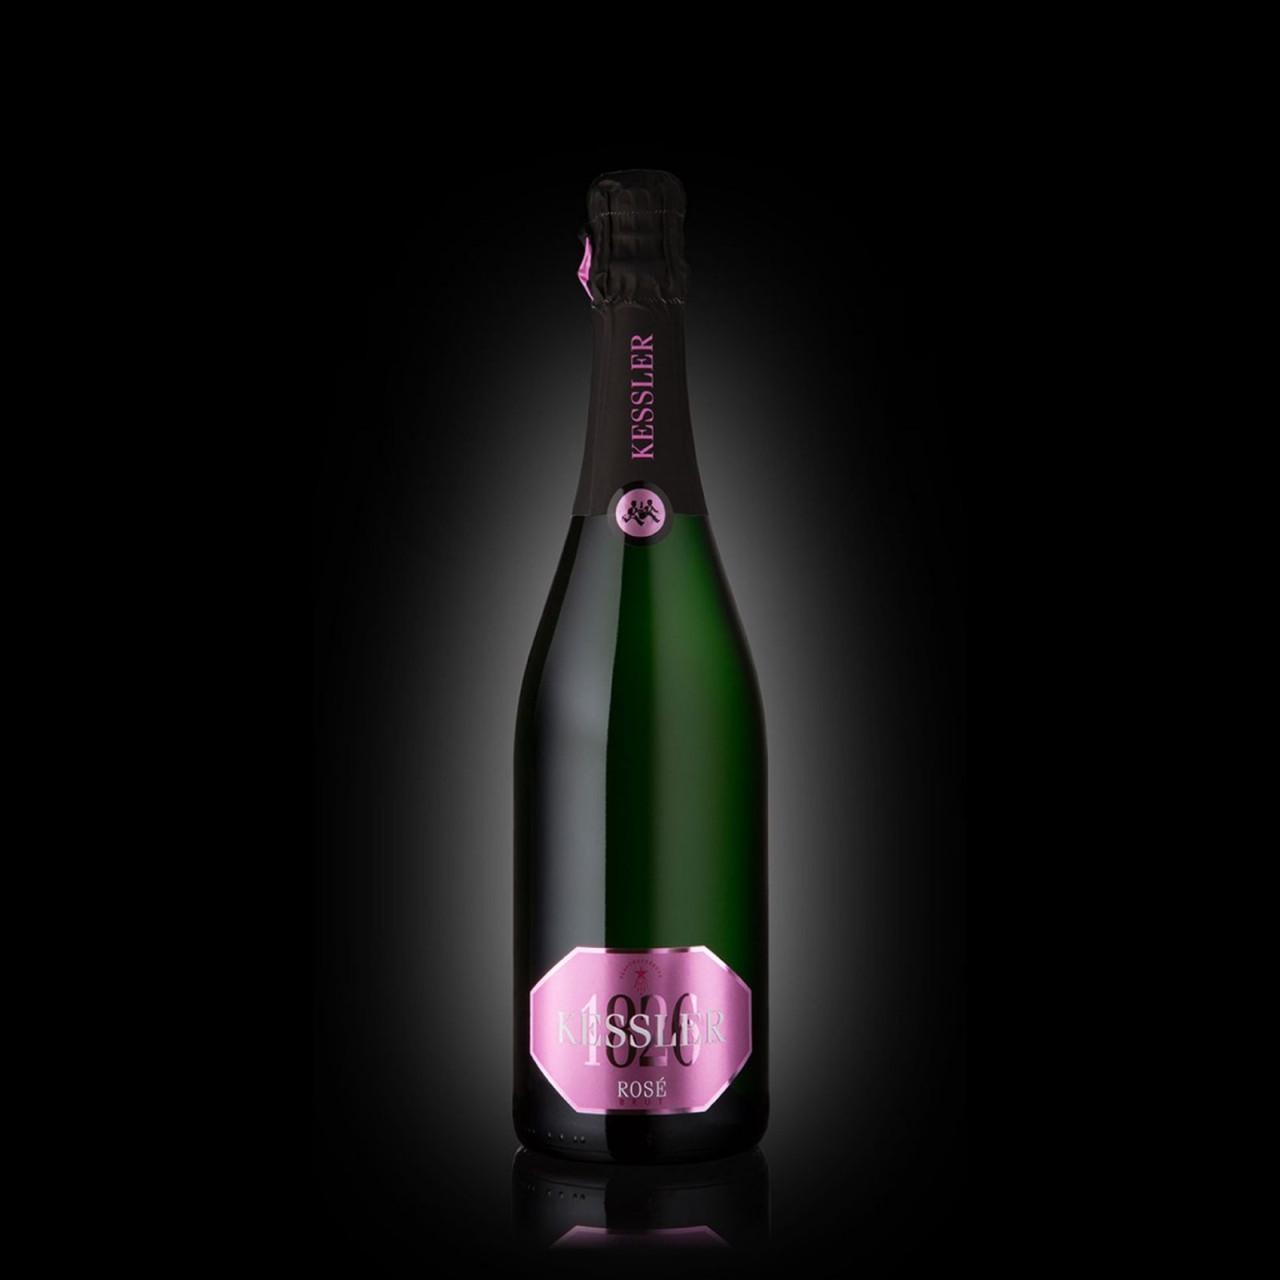 Kessler Rosé Brut 0,75l